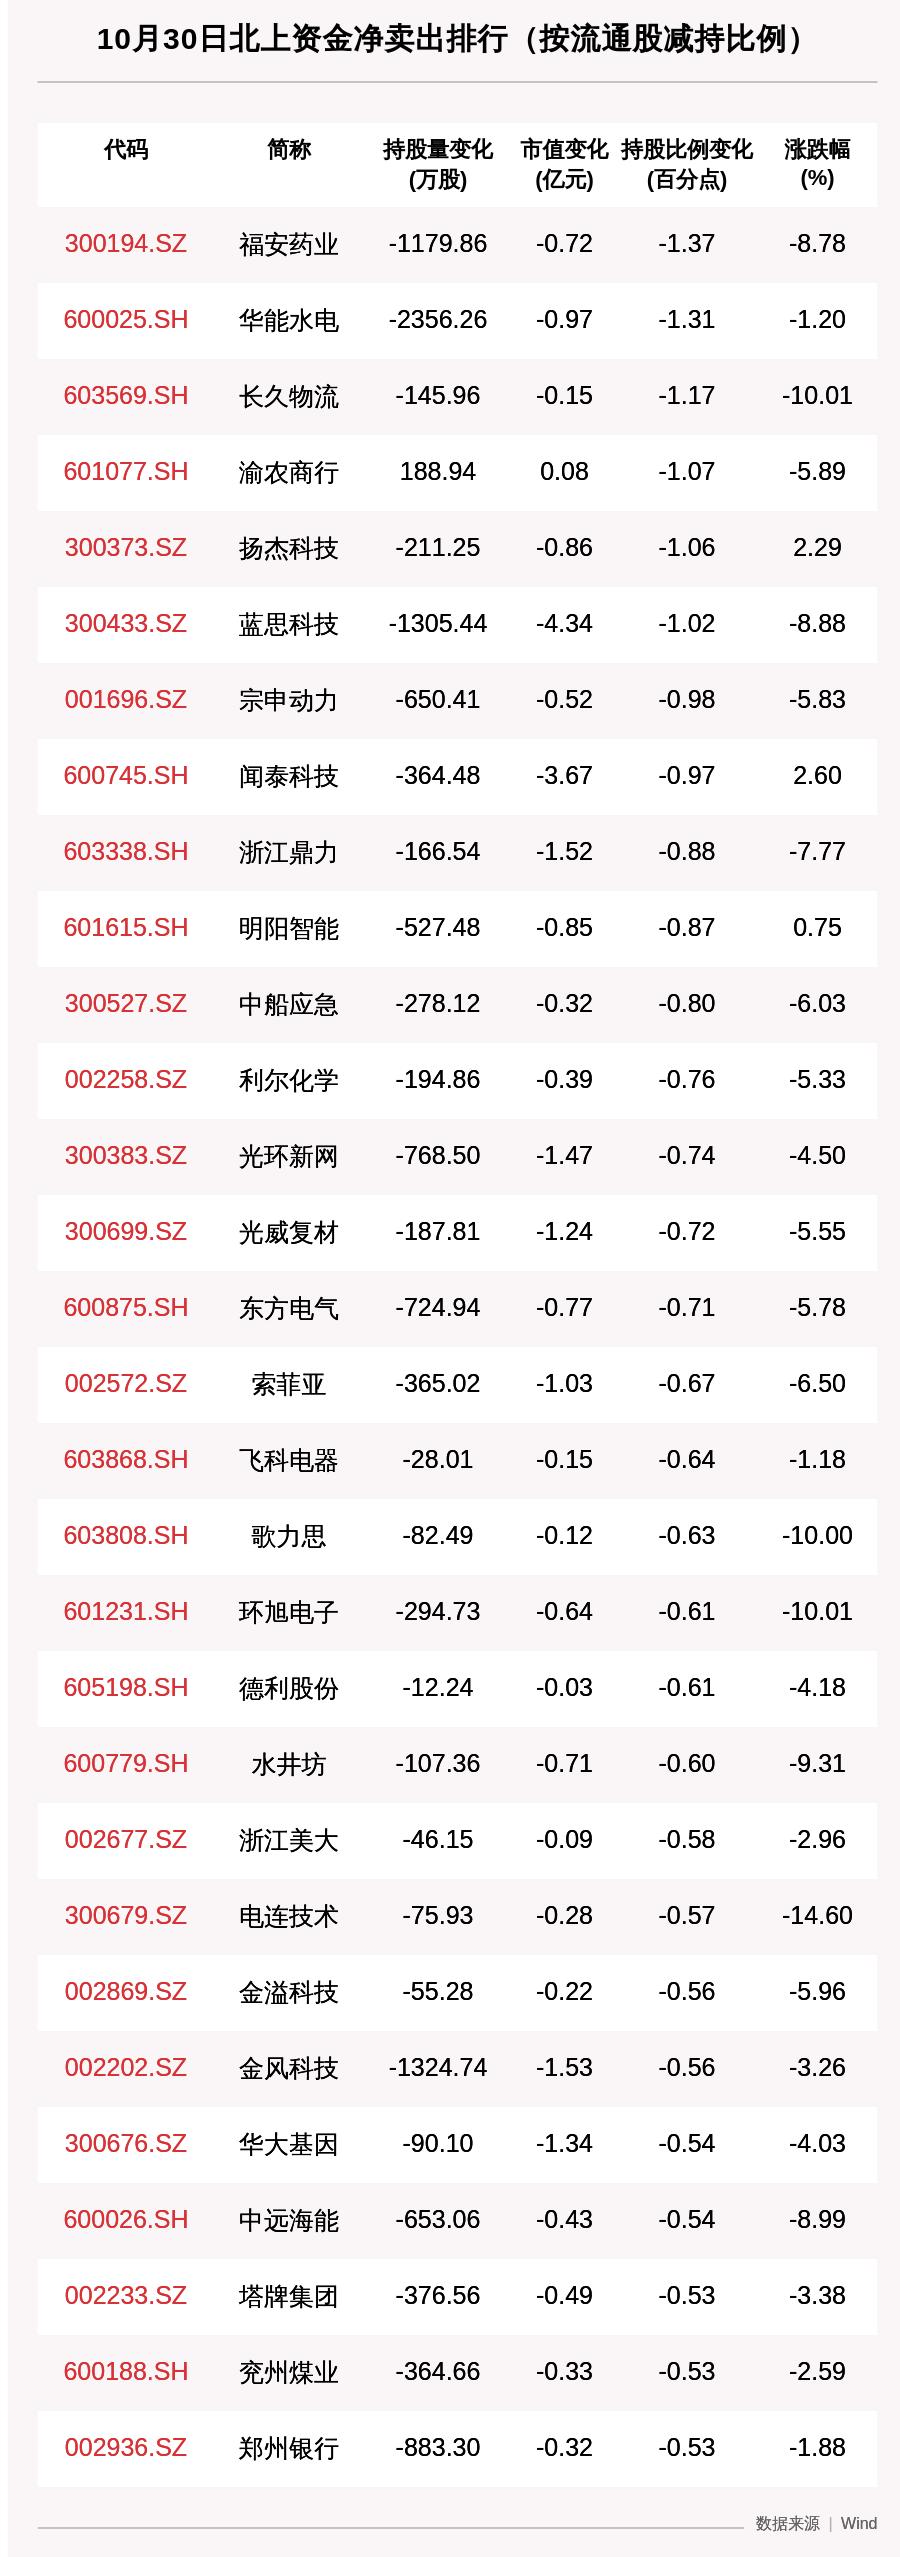 北向资金动向曝光:10月30日这30只个股遭大甩卖,蓝思科技、立讯精密、海康威视上榜(附名单)